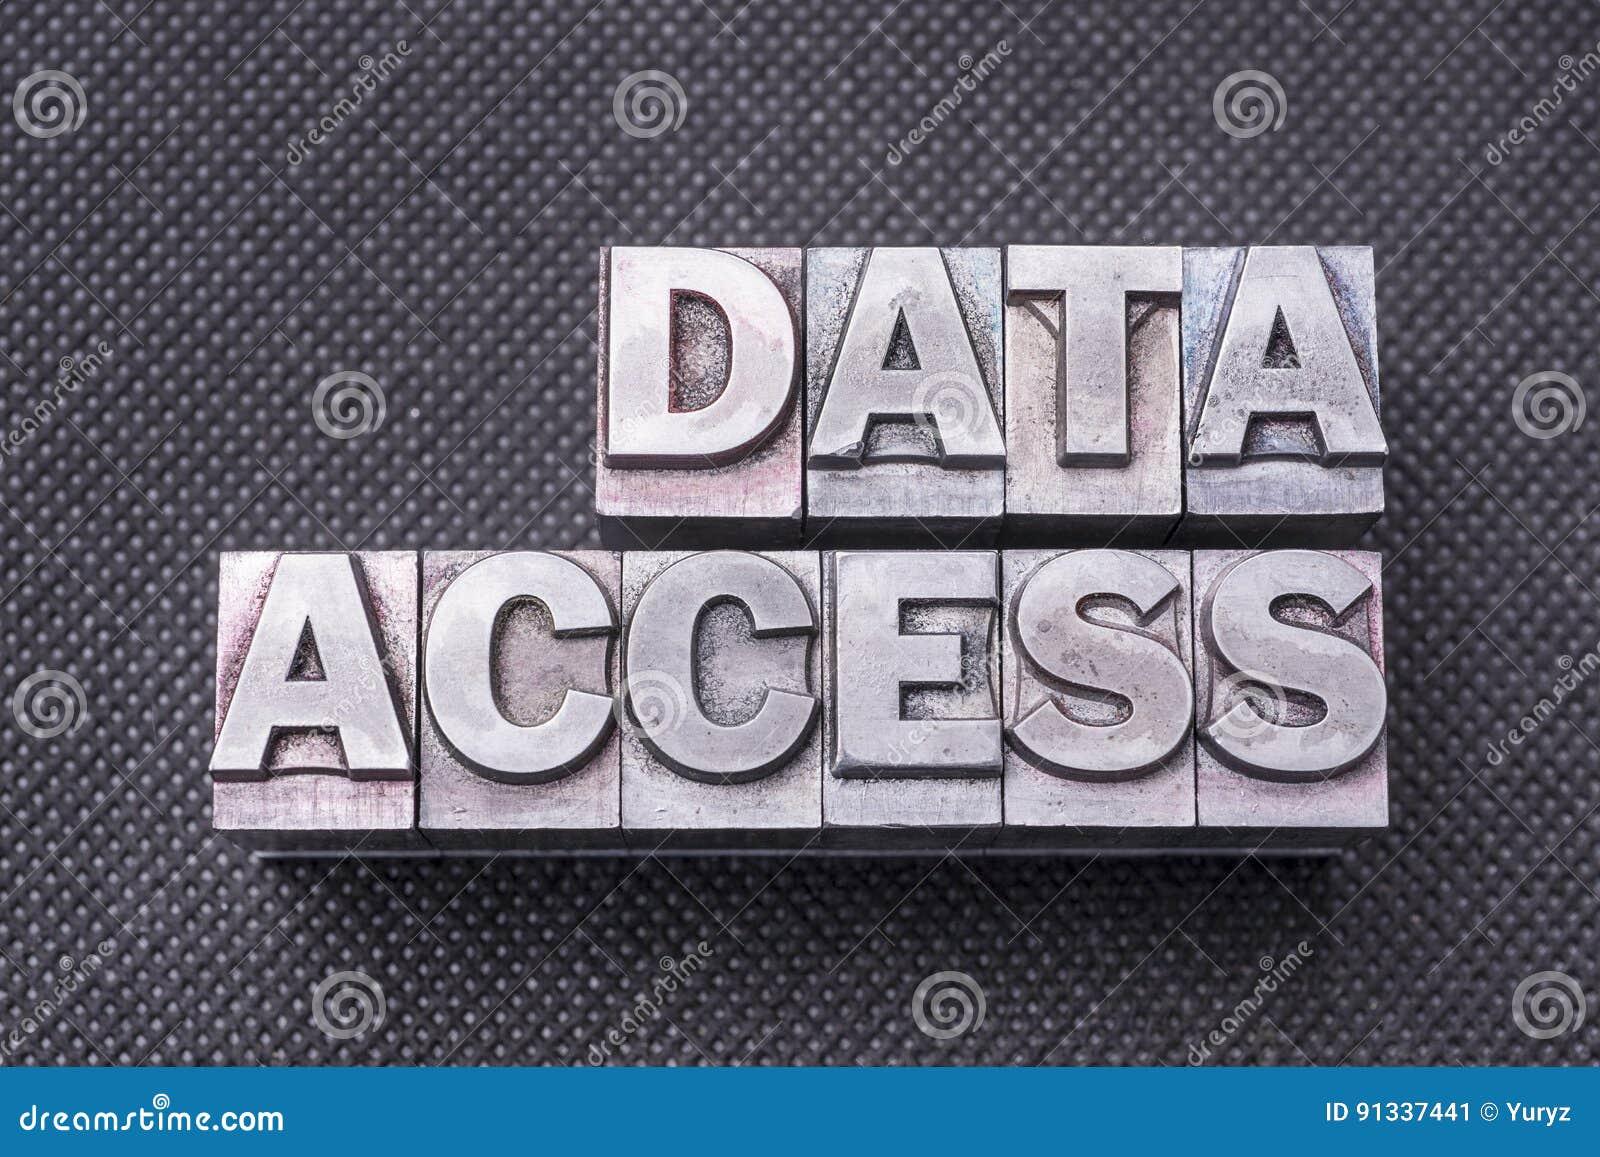 Bm доступа к данным